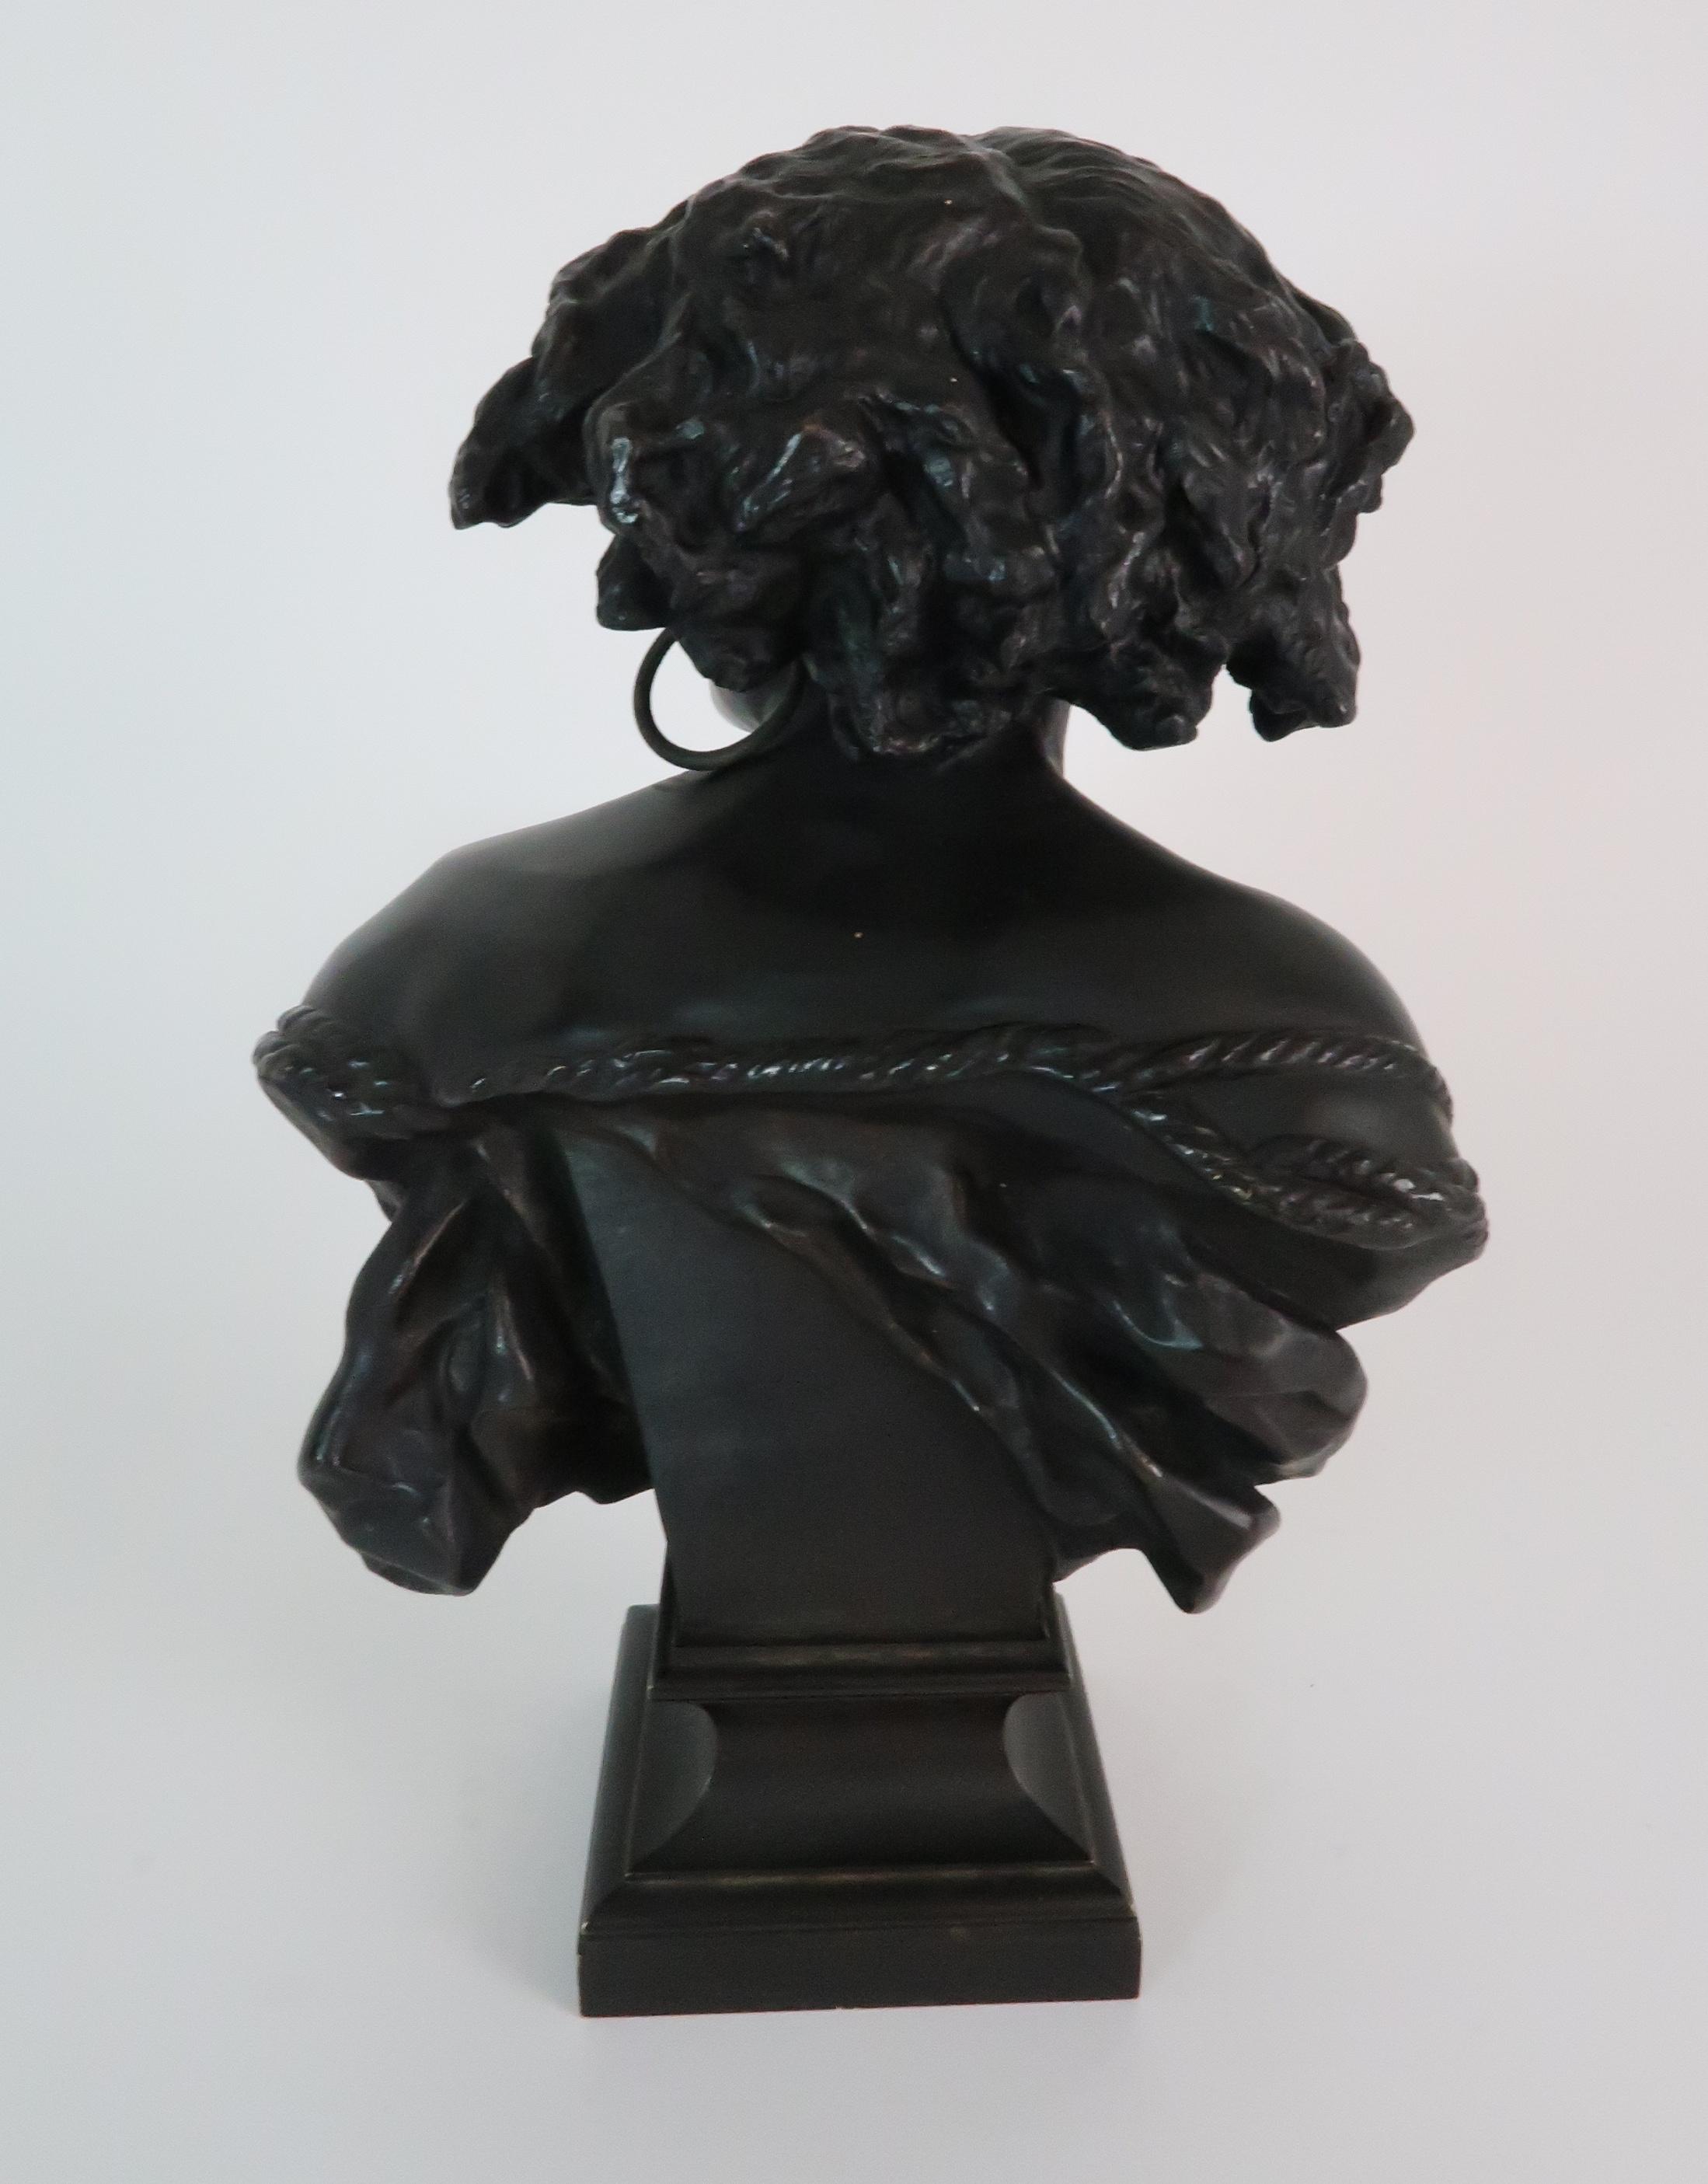 AFTER JEAN-BAPTISTE CARPEAUX (FRENCH 1827-1875) - POUR QUOINAITRE ESCLAVE a bronze bust of a - Image 3 of 7